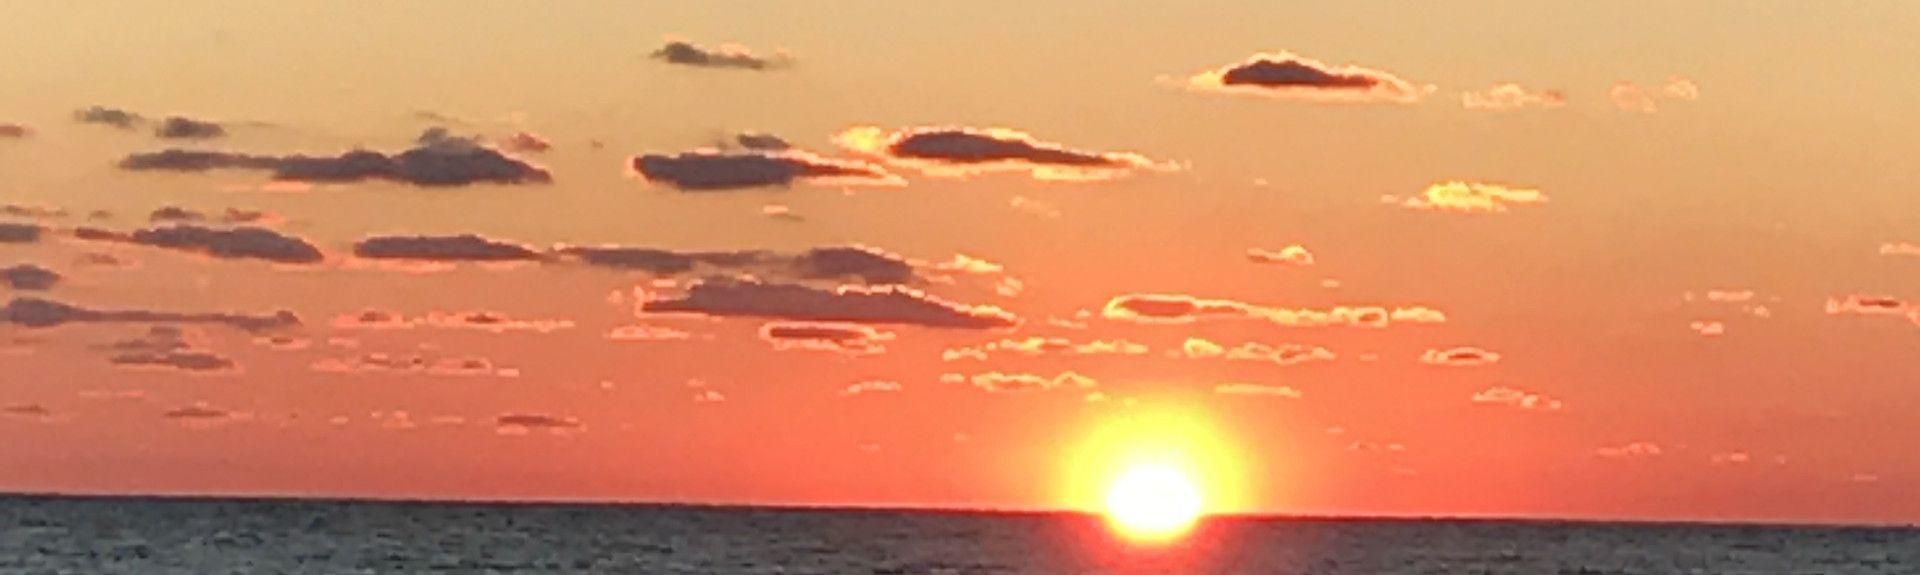 Playa de Seacrest, Santa Rosa Beach, Florida, Estados Unidos